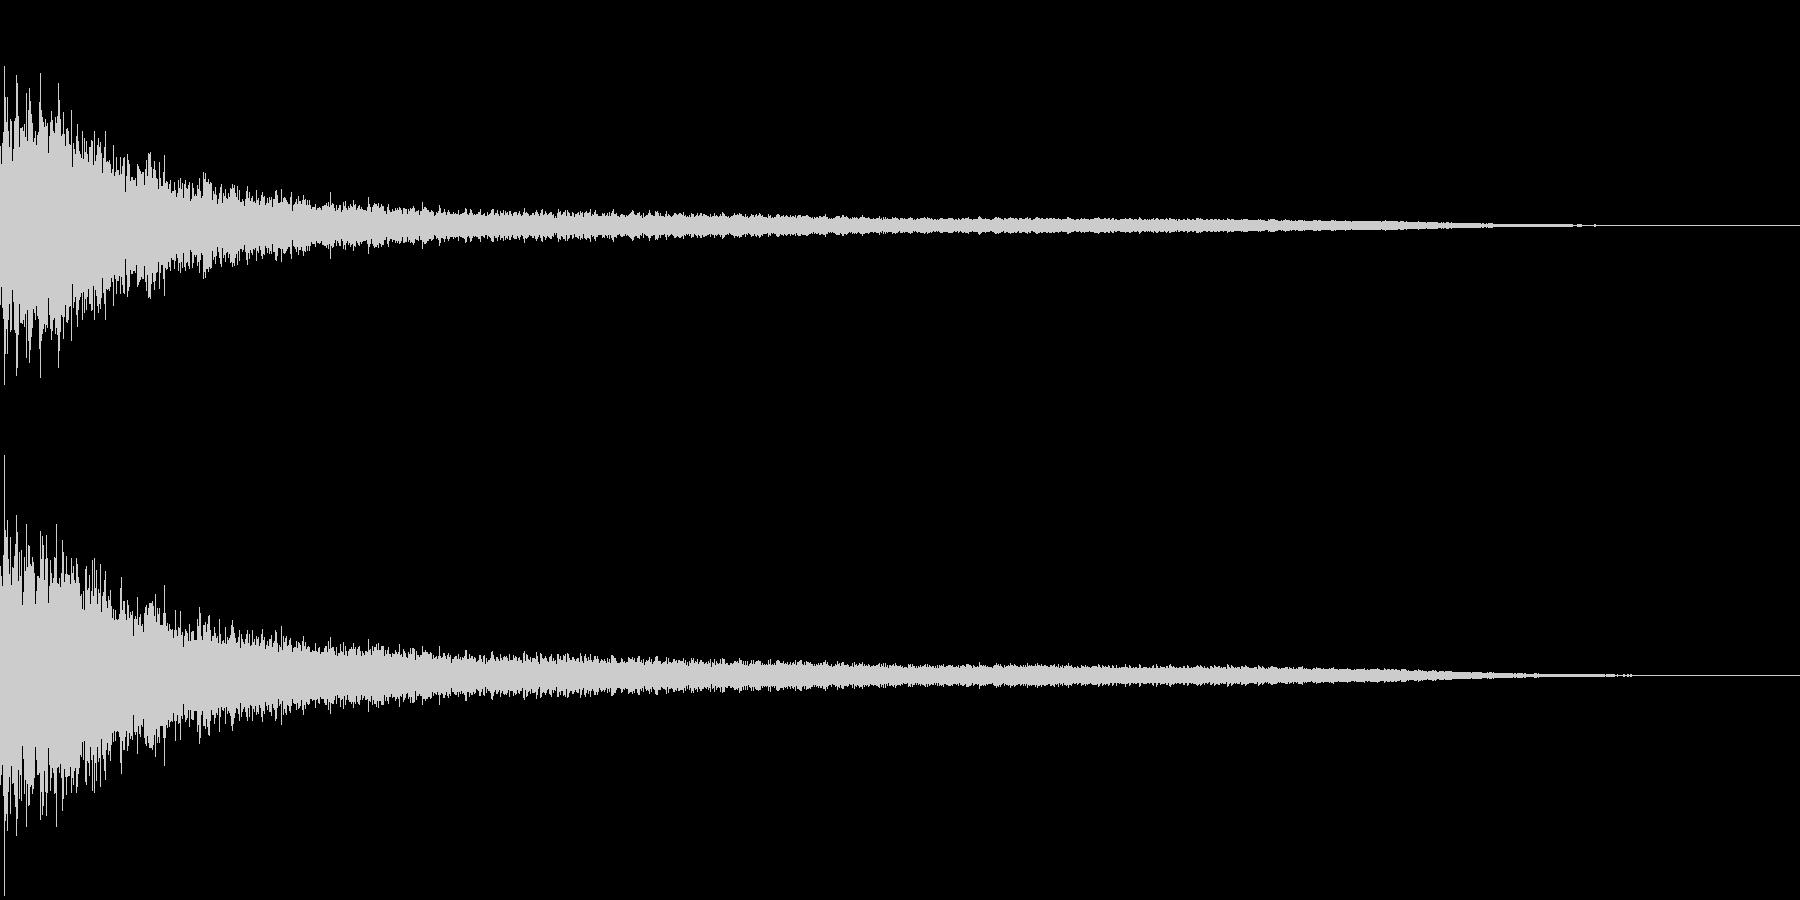 ジャーン(銅鑼の音):中国のイメージの未再生の波形